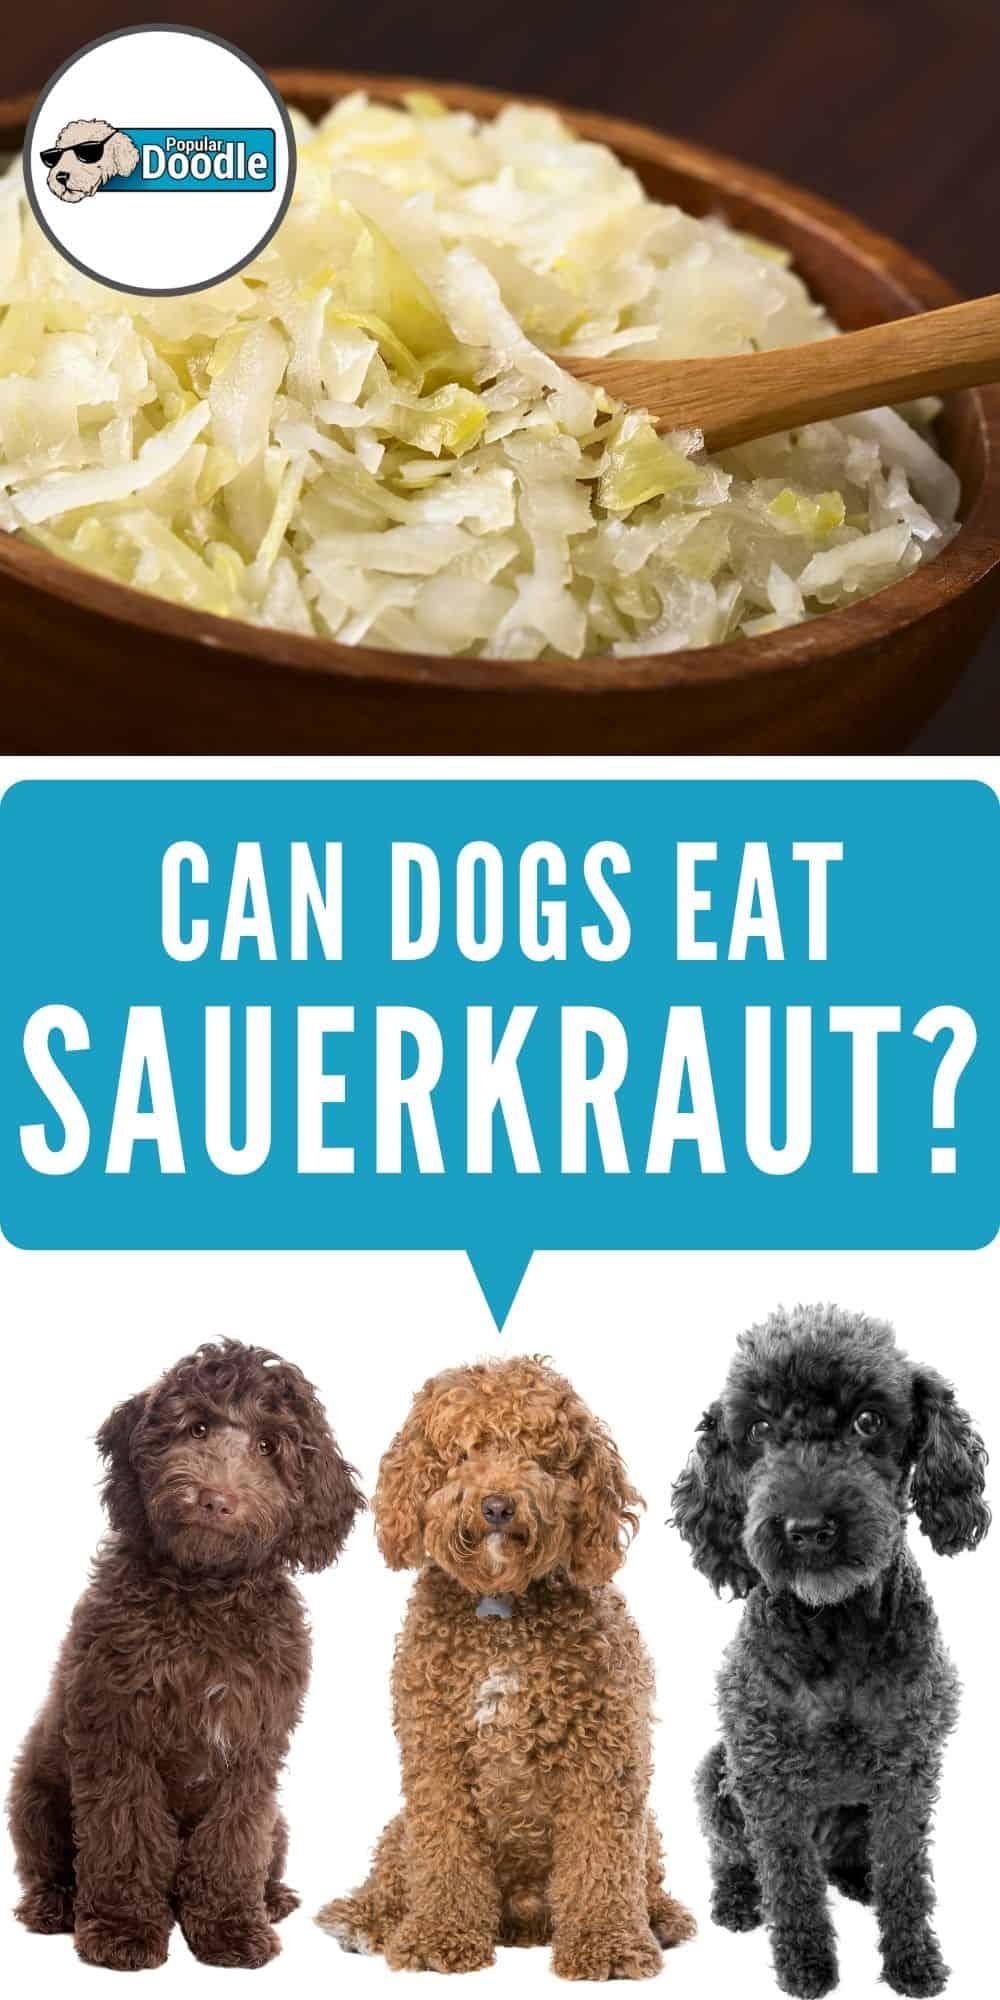 Can Dogs Eat Sauerkraut?   Is Sauerkraut Good For Dogs?